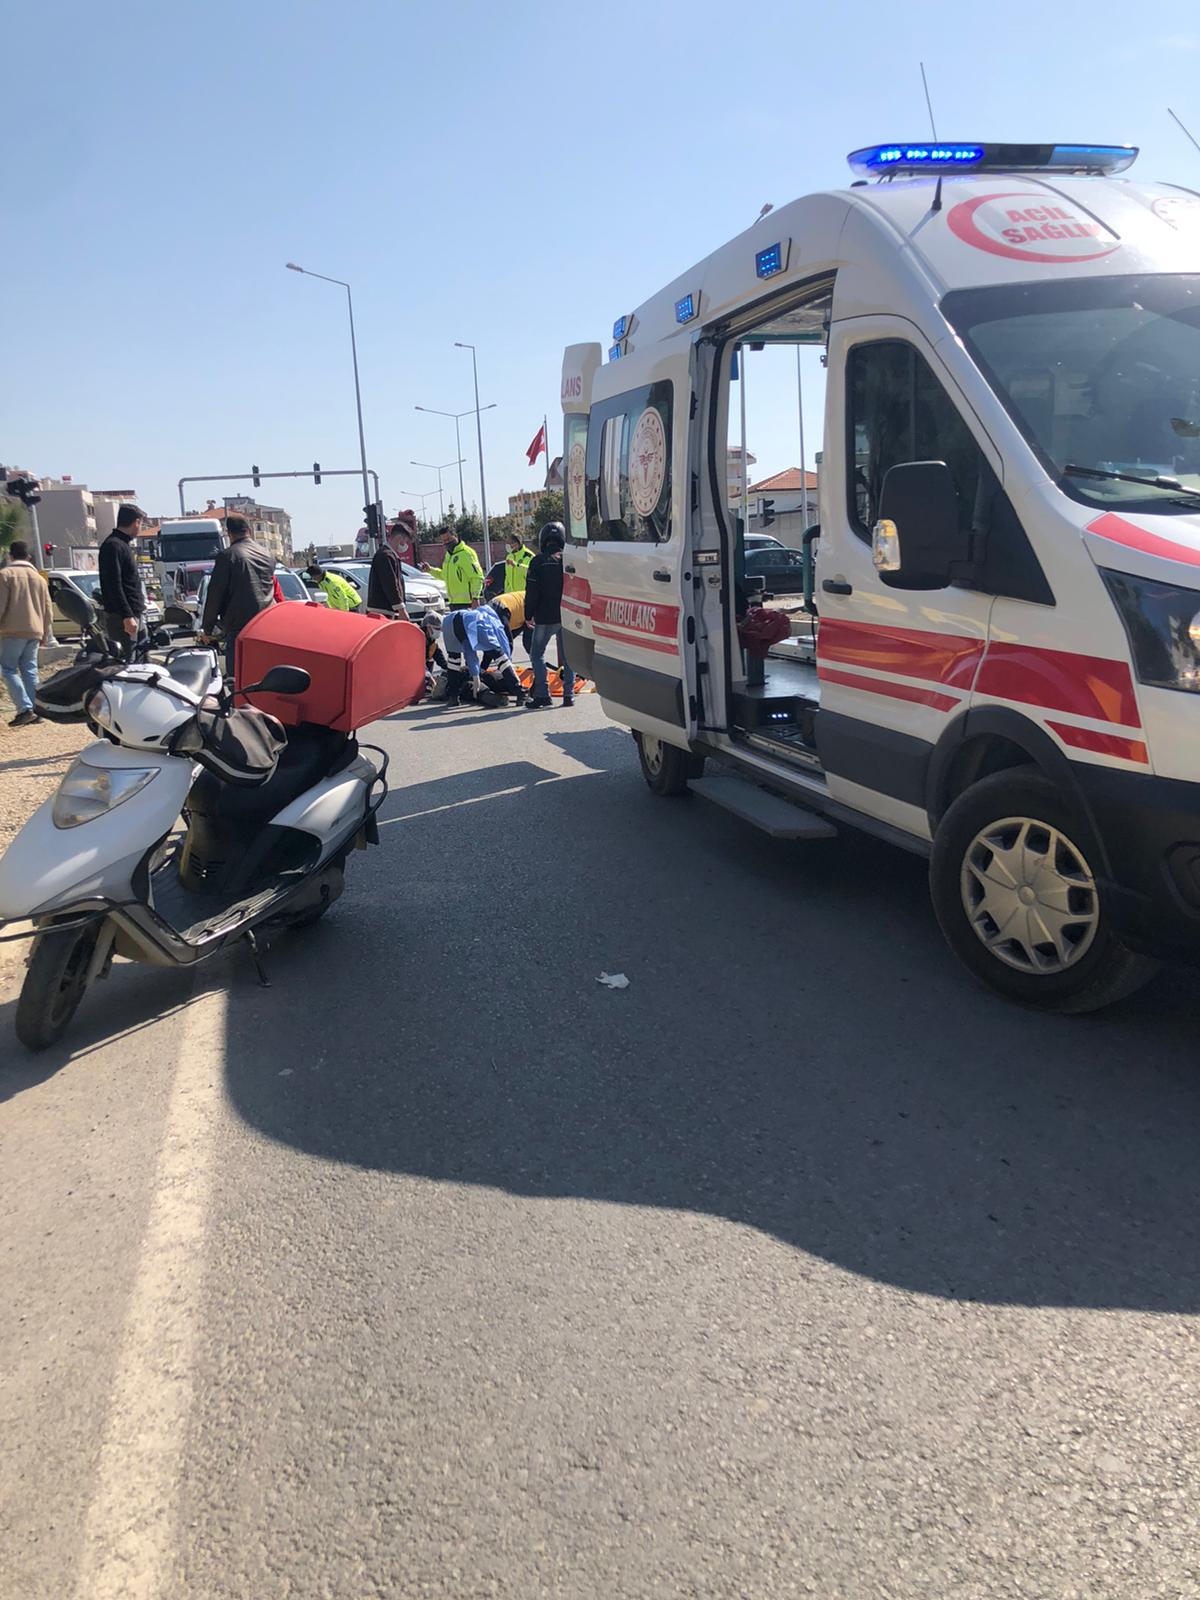 Seferihisar kavşakta feci kaza: 1 kişi yaralı